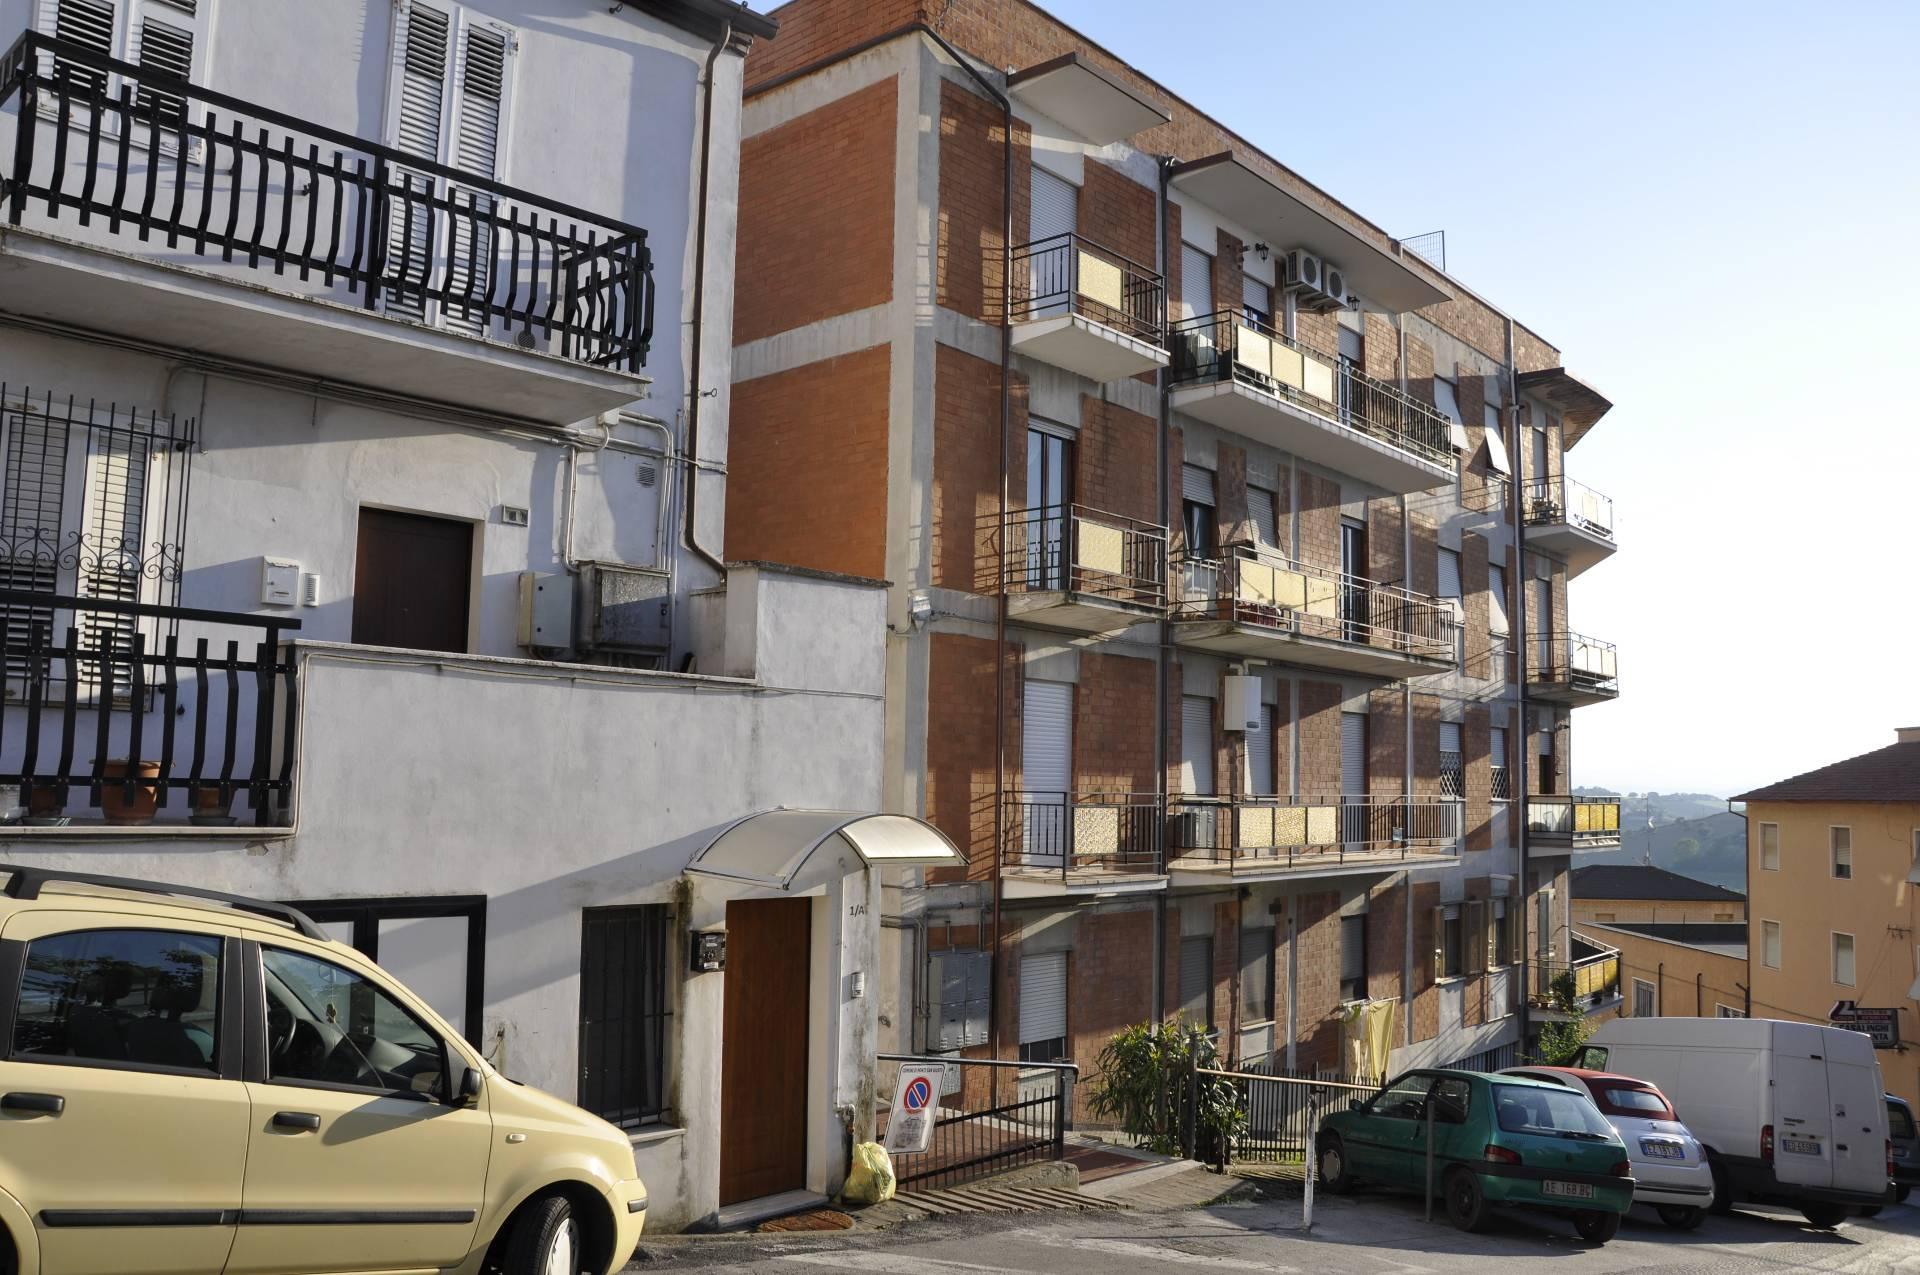 Appartamento in vendita a Monte San Giusto, 4 locali, prezzo € 39.000 | Cambio Casa.it